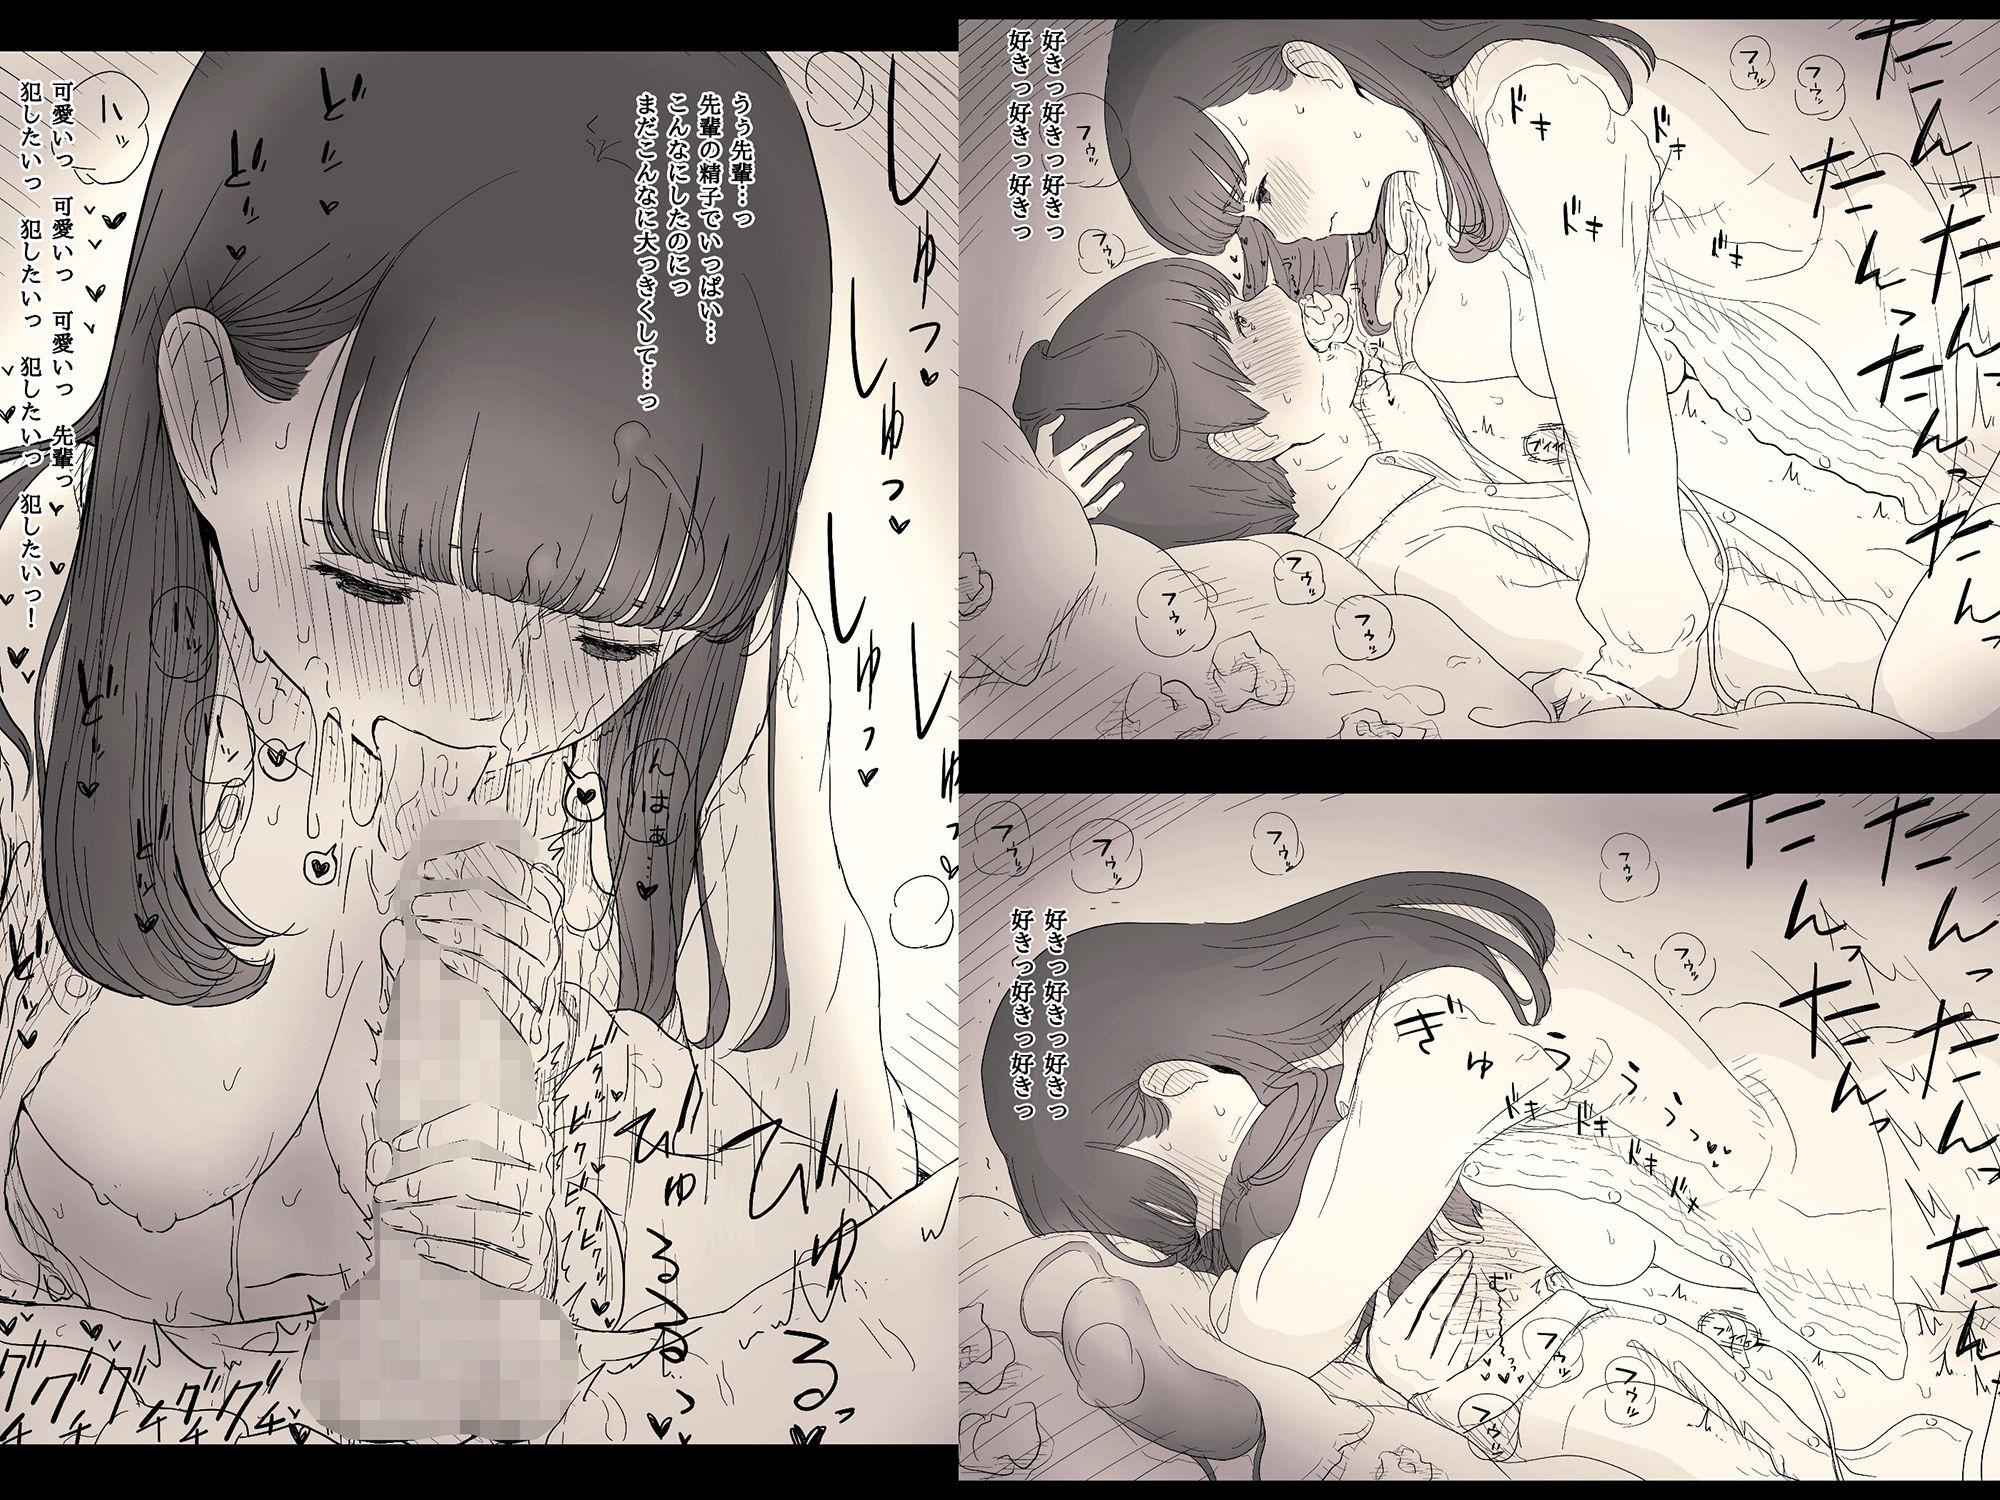 d_150811jp-006 童貞の俺氏...大人しい美少女に迫られ簡単に童貞を食べられてしまうwww【エロ漫画:文学女子に食べられる2:ひまわりのたね】